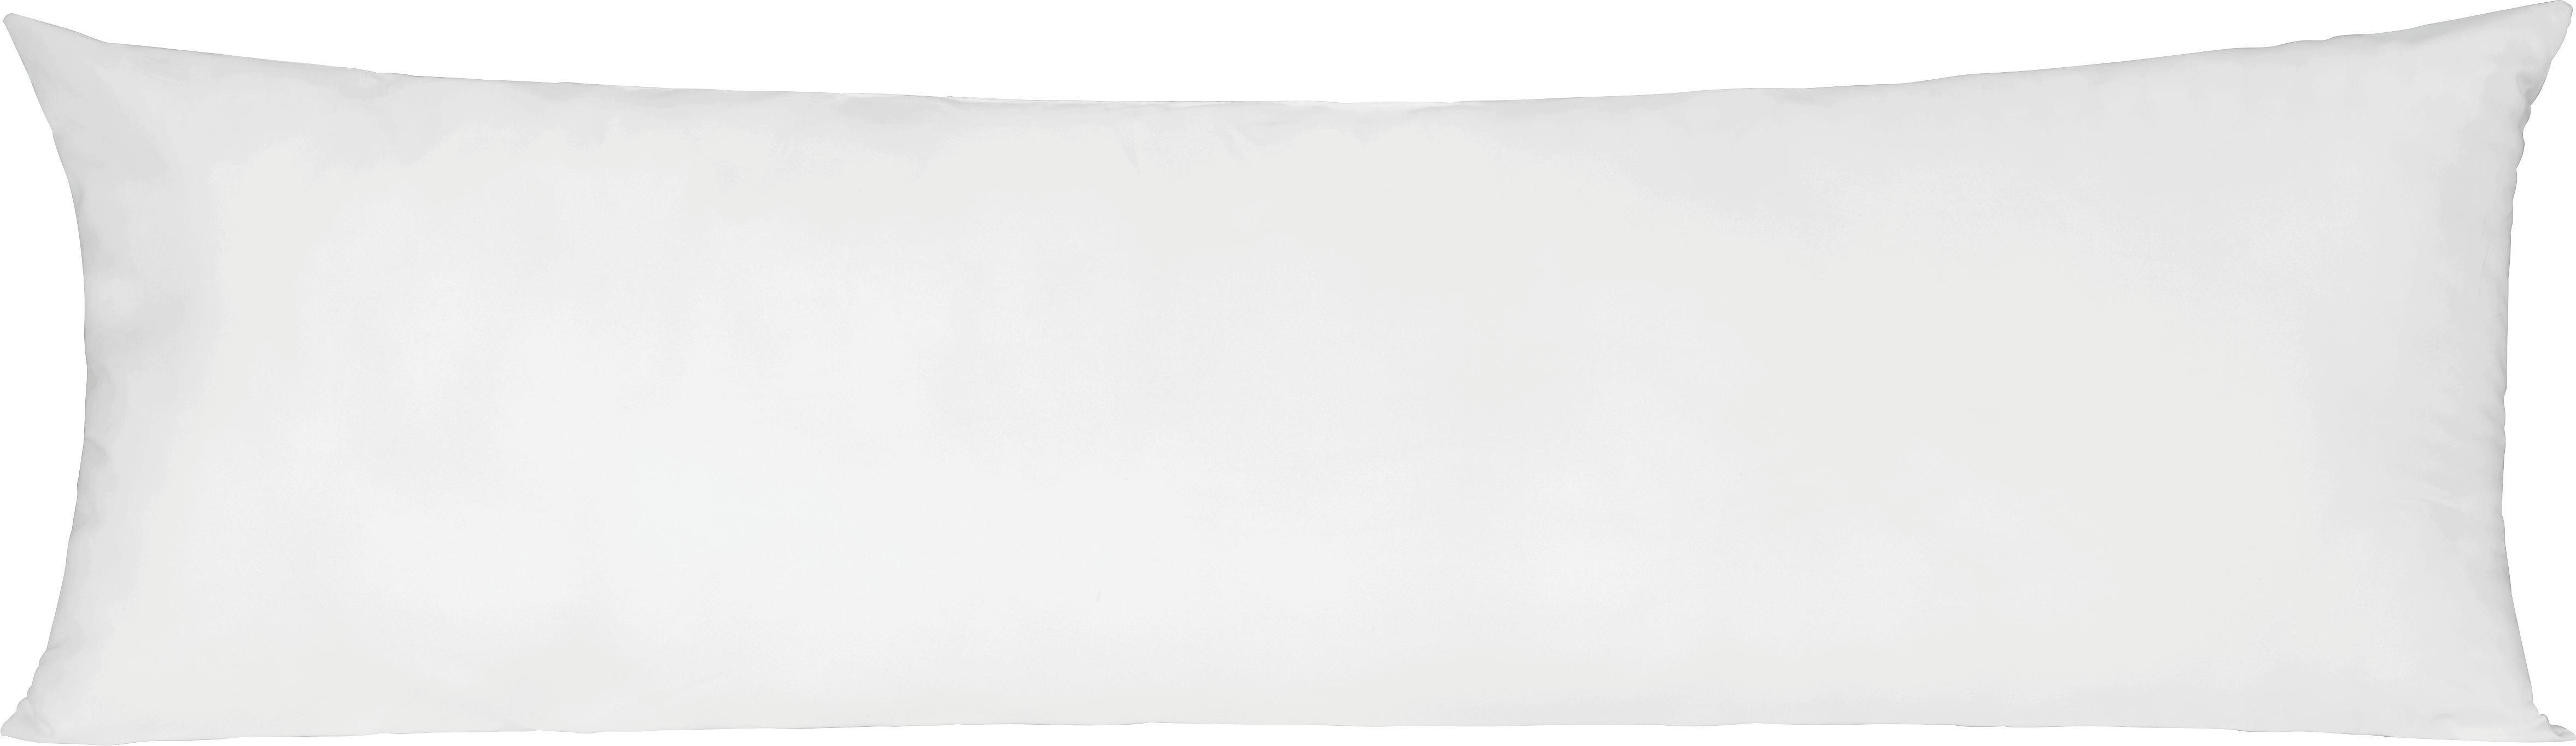 Seitenschläferkissen Lisi in Weiß, ca. 40x120cm - Weiß, Textil (40/120cm) - MÖMAX modern living